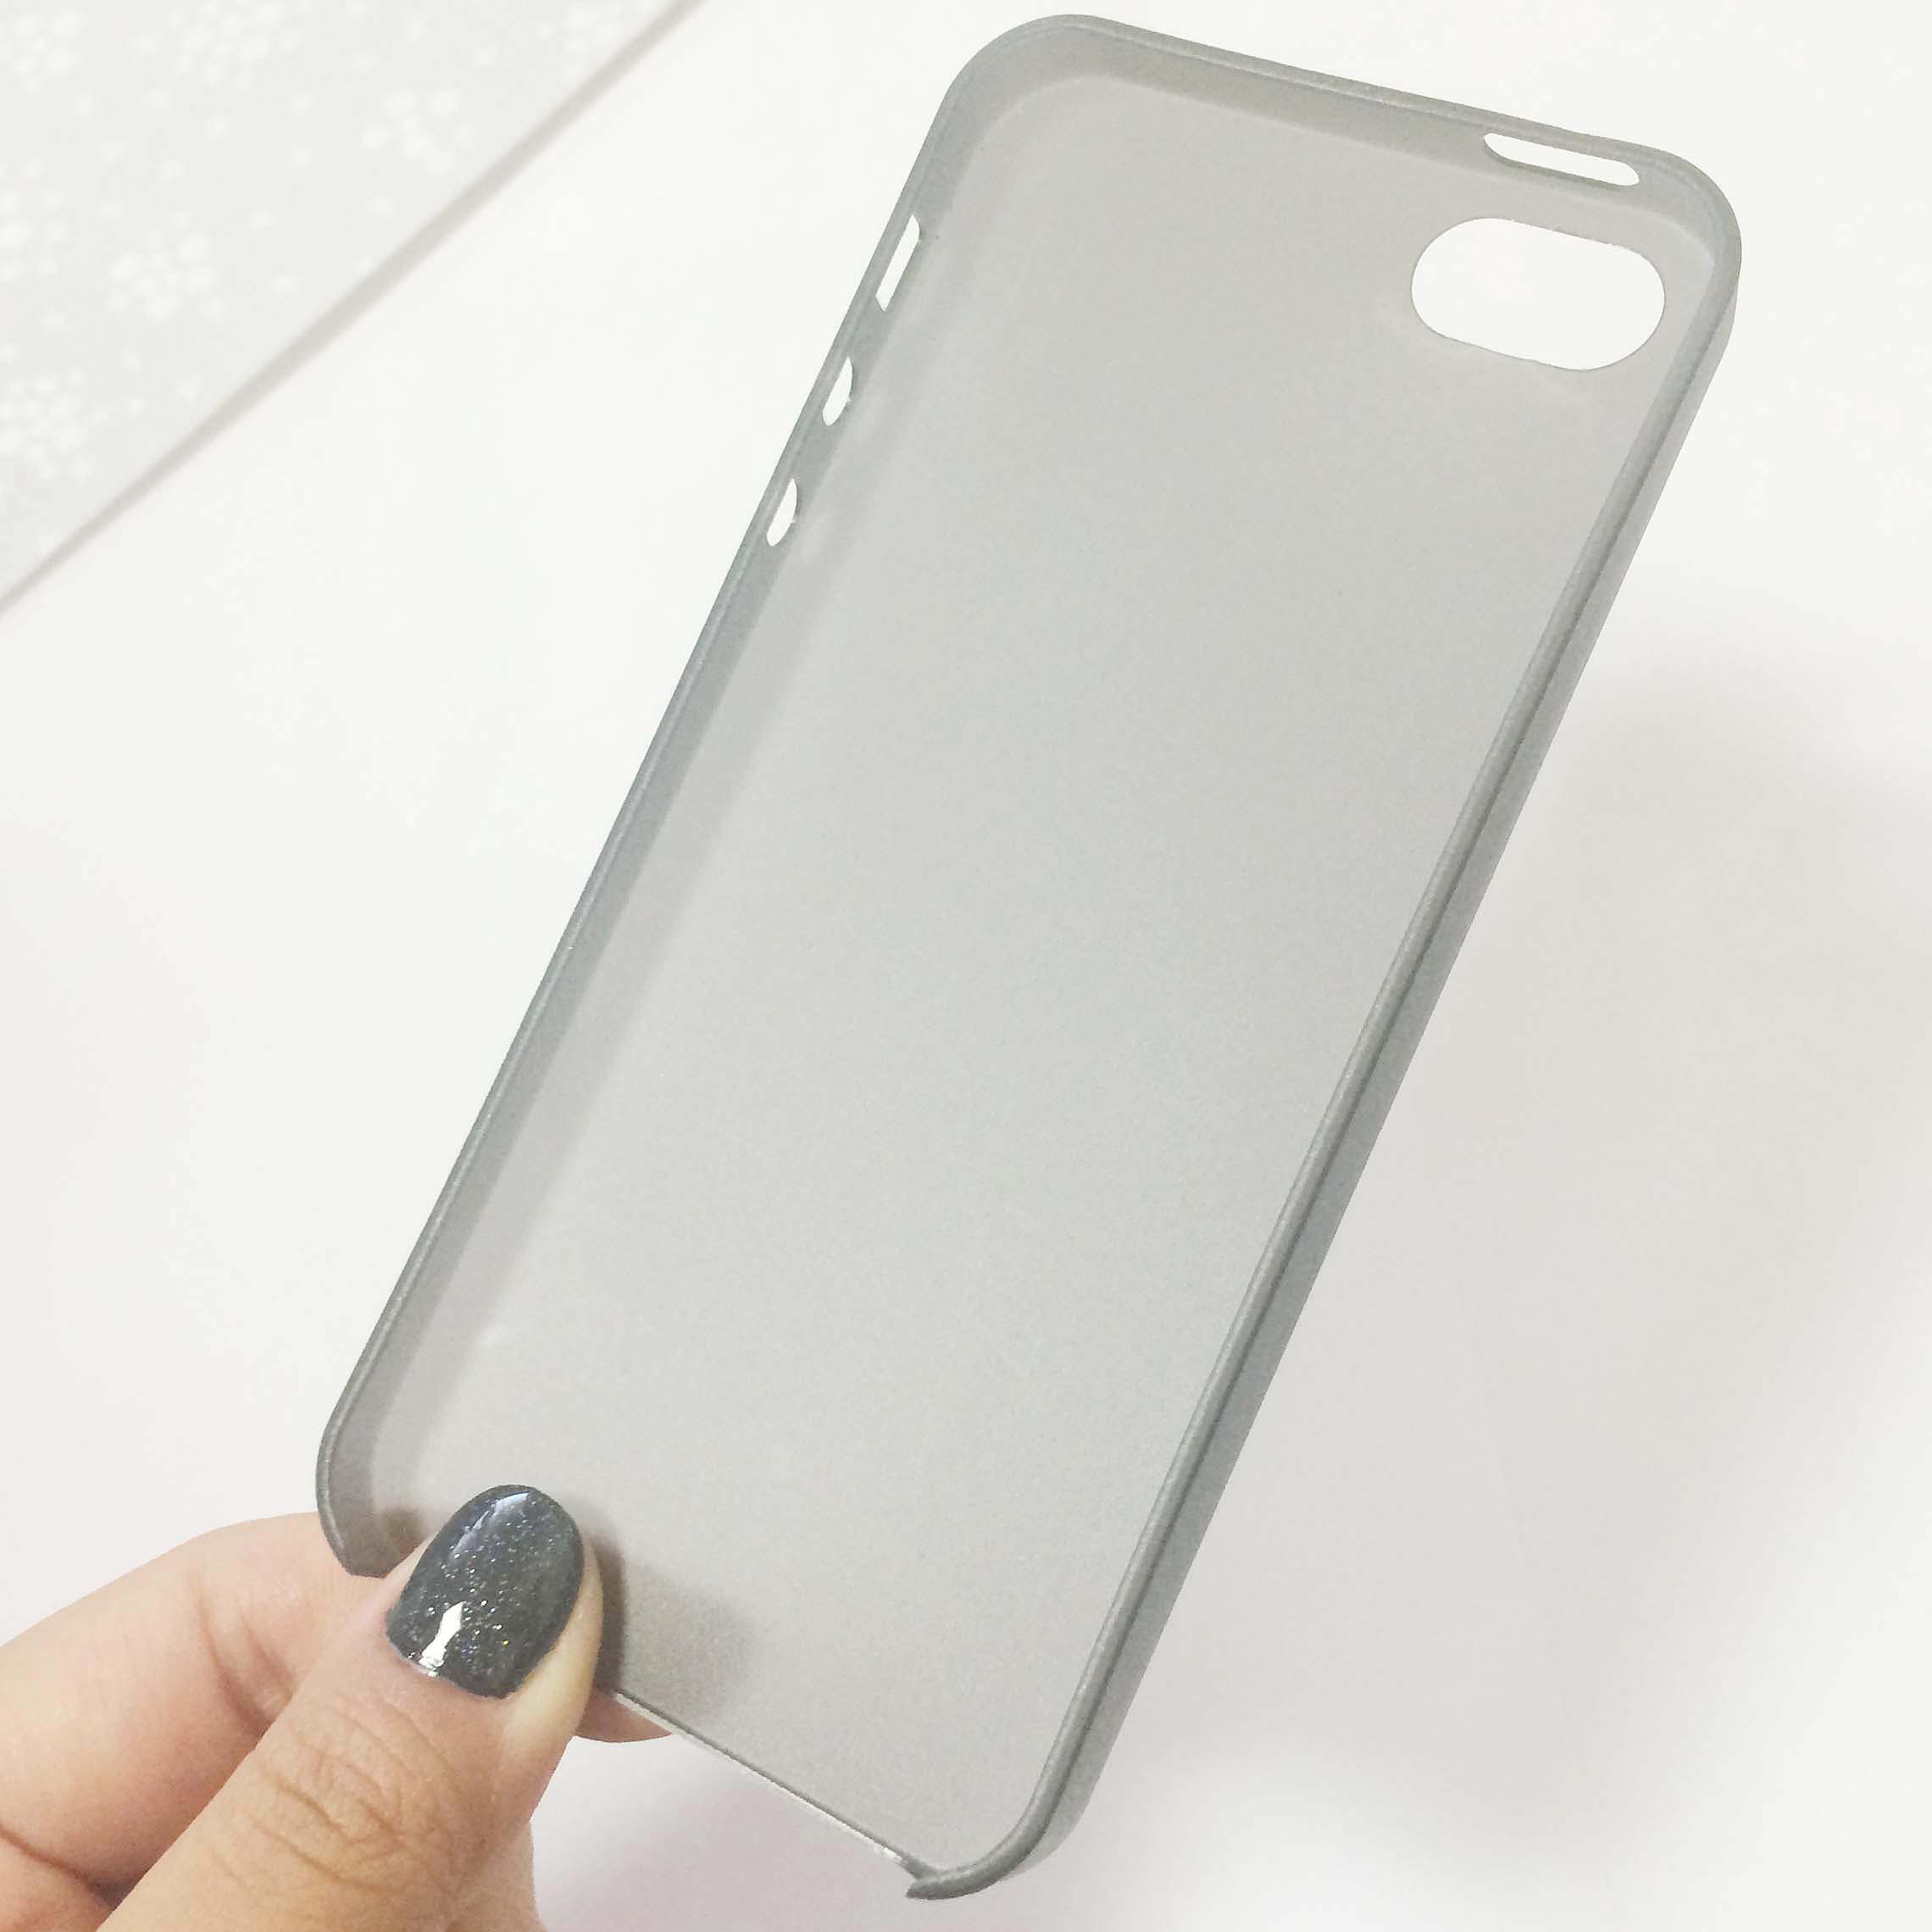 醜醜的手機殼!